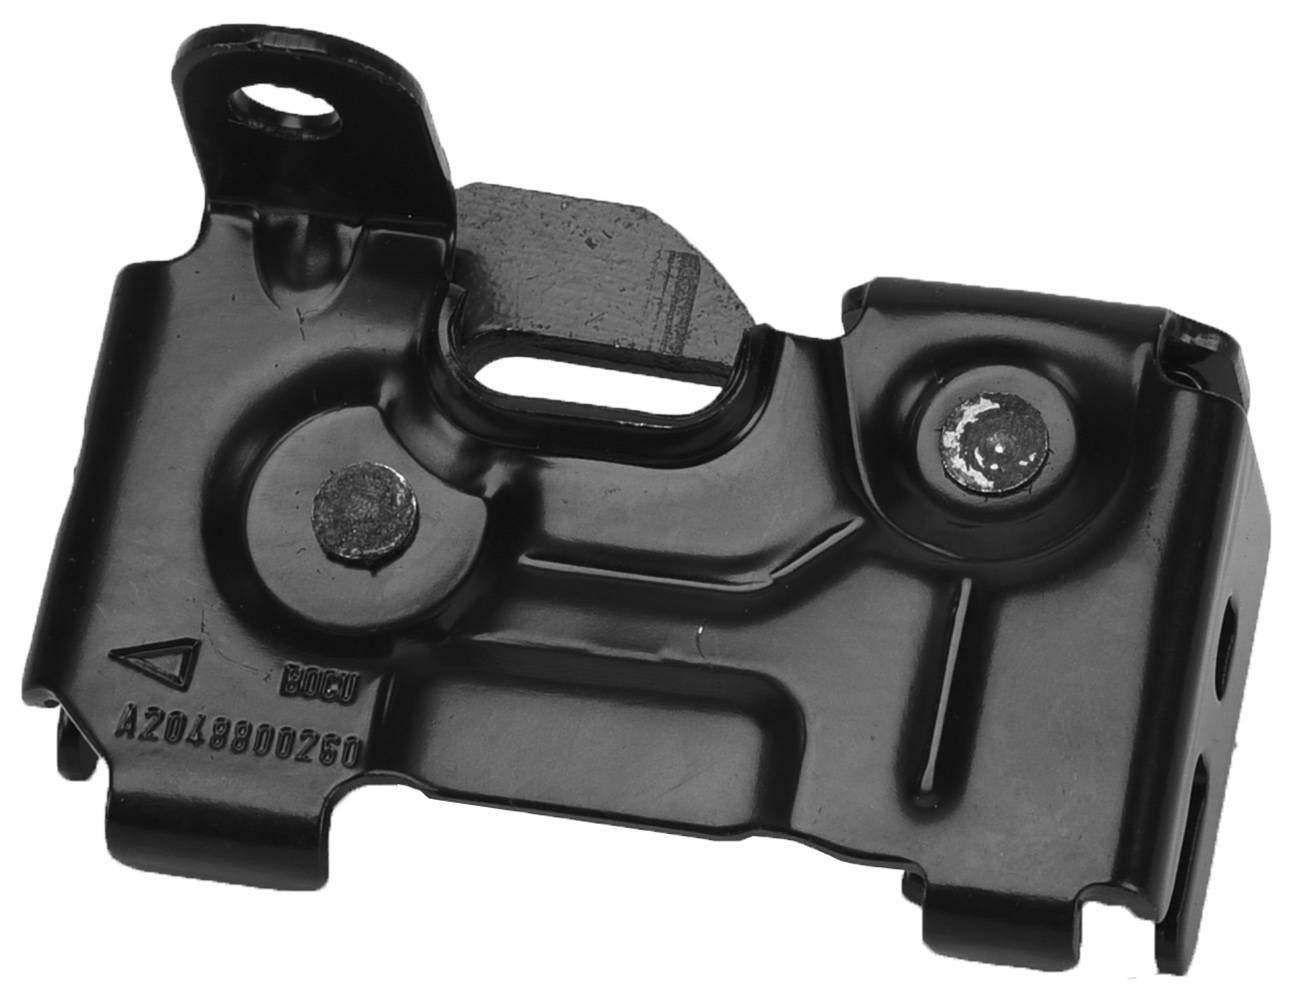 Bapmic 2048800260 Front Left//Right Hood Lock Latch for Mercedes-Benz W166 W204 W205 W207 W212 X253 C300 E400 GLC300